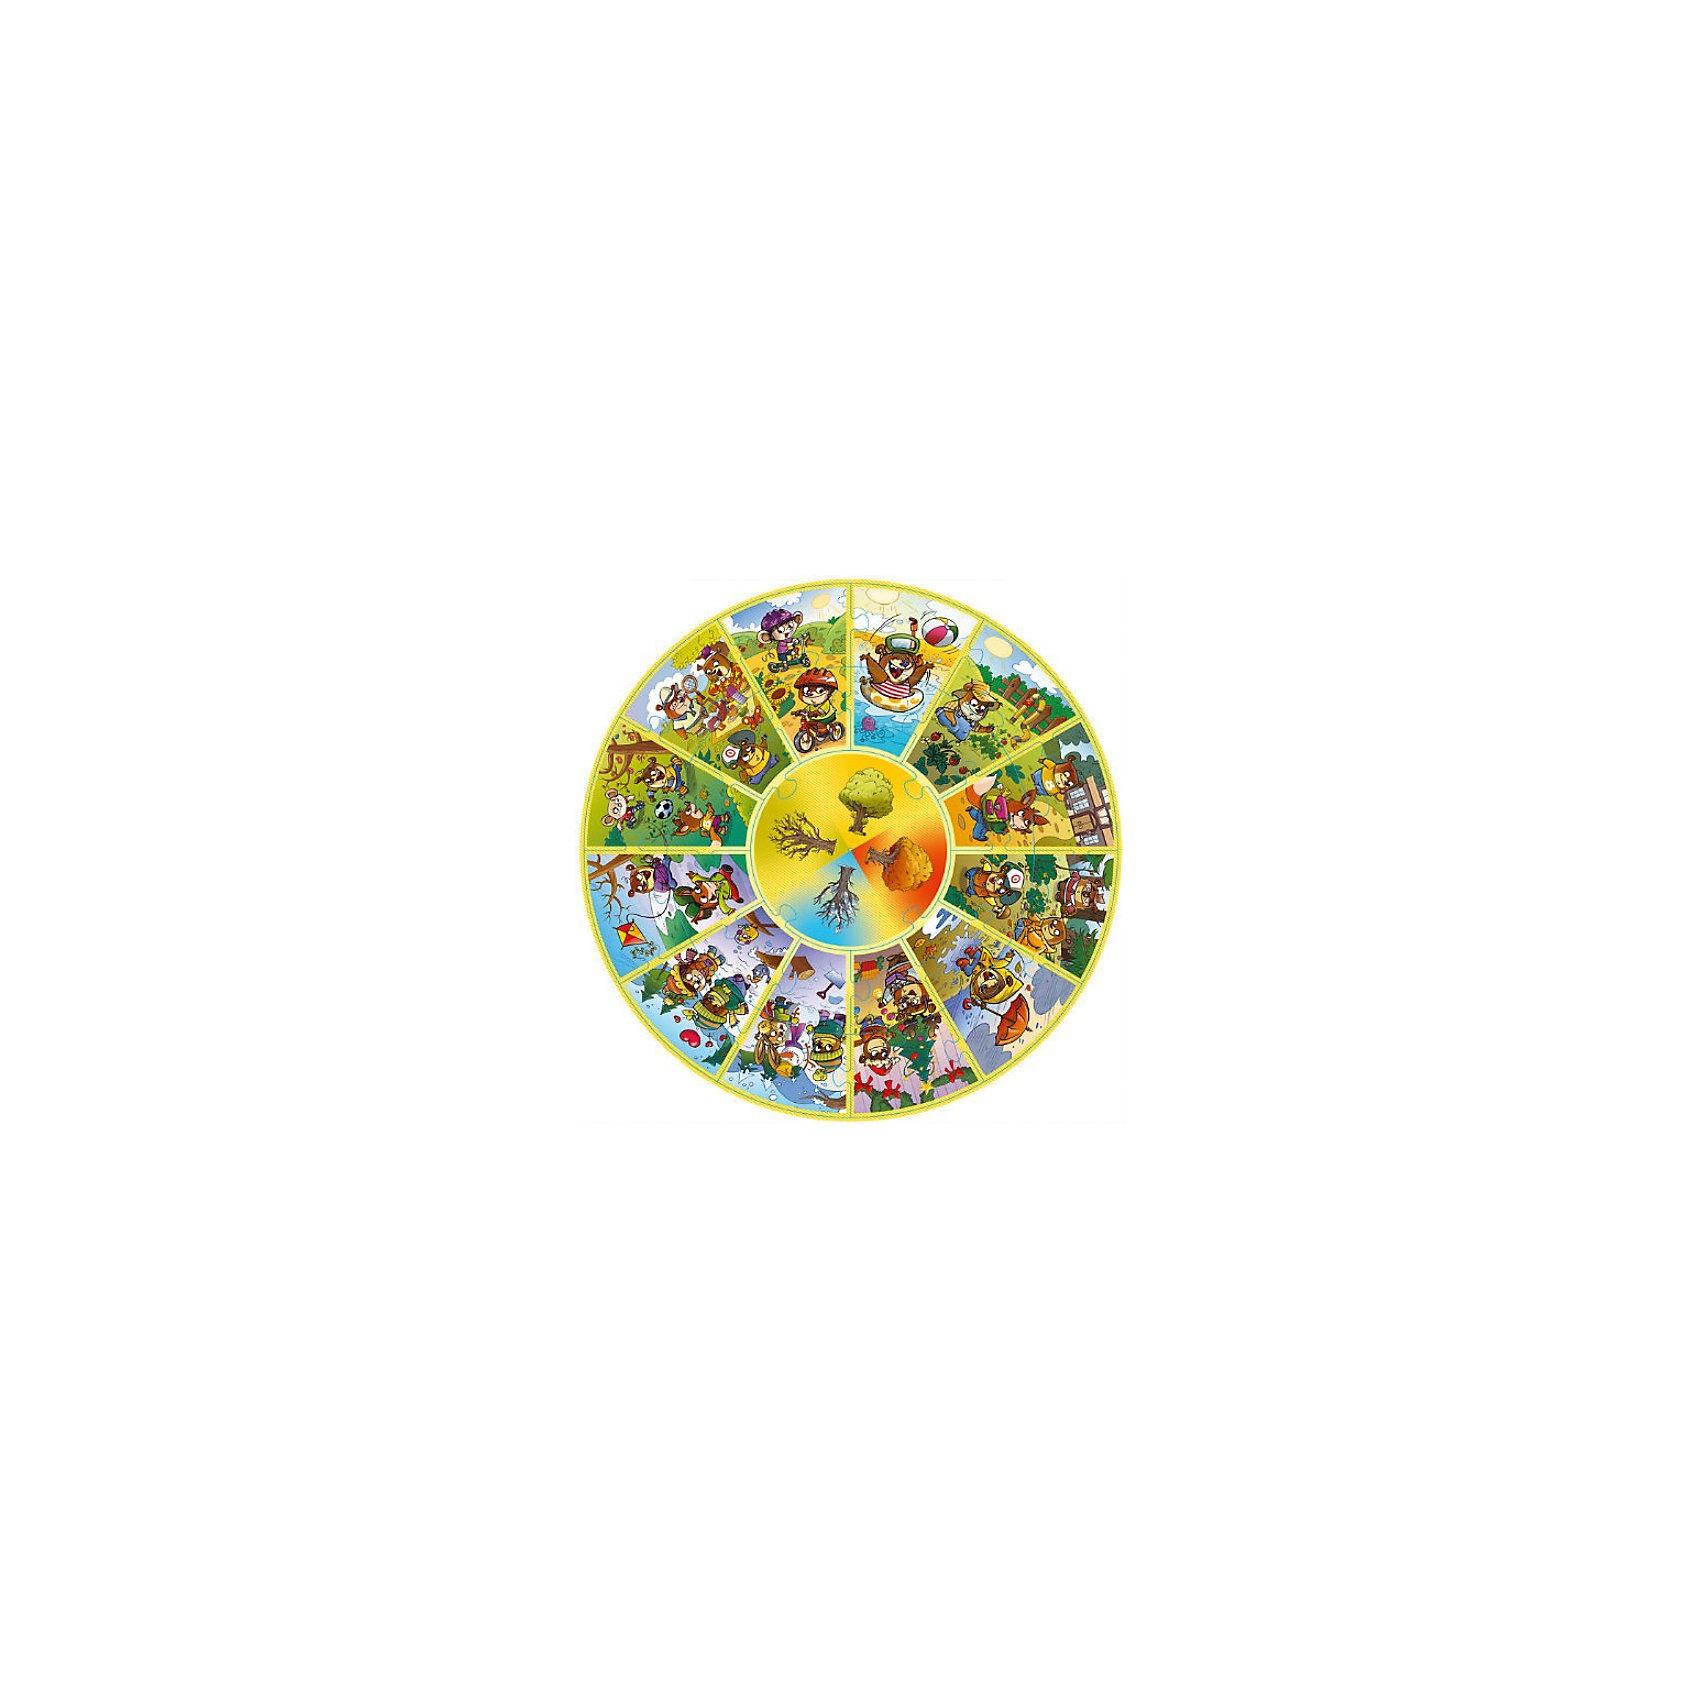 Пазл круглый Календарь, 24 детали, TreflПазлы для малышей<br>Характеристики товара:<br><br>• возраст от 3 лет;<br>• материал: картон;<br>• в комплекте: 24 детали;<br>• размер упаковки 29х29х6 см;<br>• вес упаковки 820 гр.;<br>• страна производитель: Польша.<br><br>Пазл круглый «Календарь» Trefl позволит малышам выучить с его помощью времена года, месяцы, узнать все о погоде каждого времени года. Пазл разделен на 12 месяцев и 4 времени года. В каждой секции забавный медвежонок увлекается занятиями: купается в море, гуляет зимой в лесу.<br><br>Все элементы изготовлены из прочного картона со специальным стойким покрытием. Собирая пазл, у детей развиваются моторика рук, усидчивость, внимательность и мышление.<br><br>Пазл круглый «Календарь» Trefl можно приобрести в нашем интернет-магазине.<br><br>Ширина мм: 280<br>Глубина мм: 280<br>Высота мм: 62<br>Вес г: 660<br>Возраст от месяцев: 48<br>Возраст до месяцев: 96<br>Пол: Унисекс<br>Возраст: Детский<br>Количество деталей: 24<br>SKU: 3879937